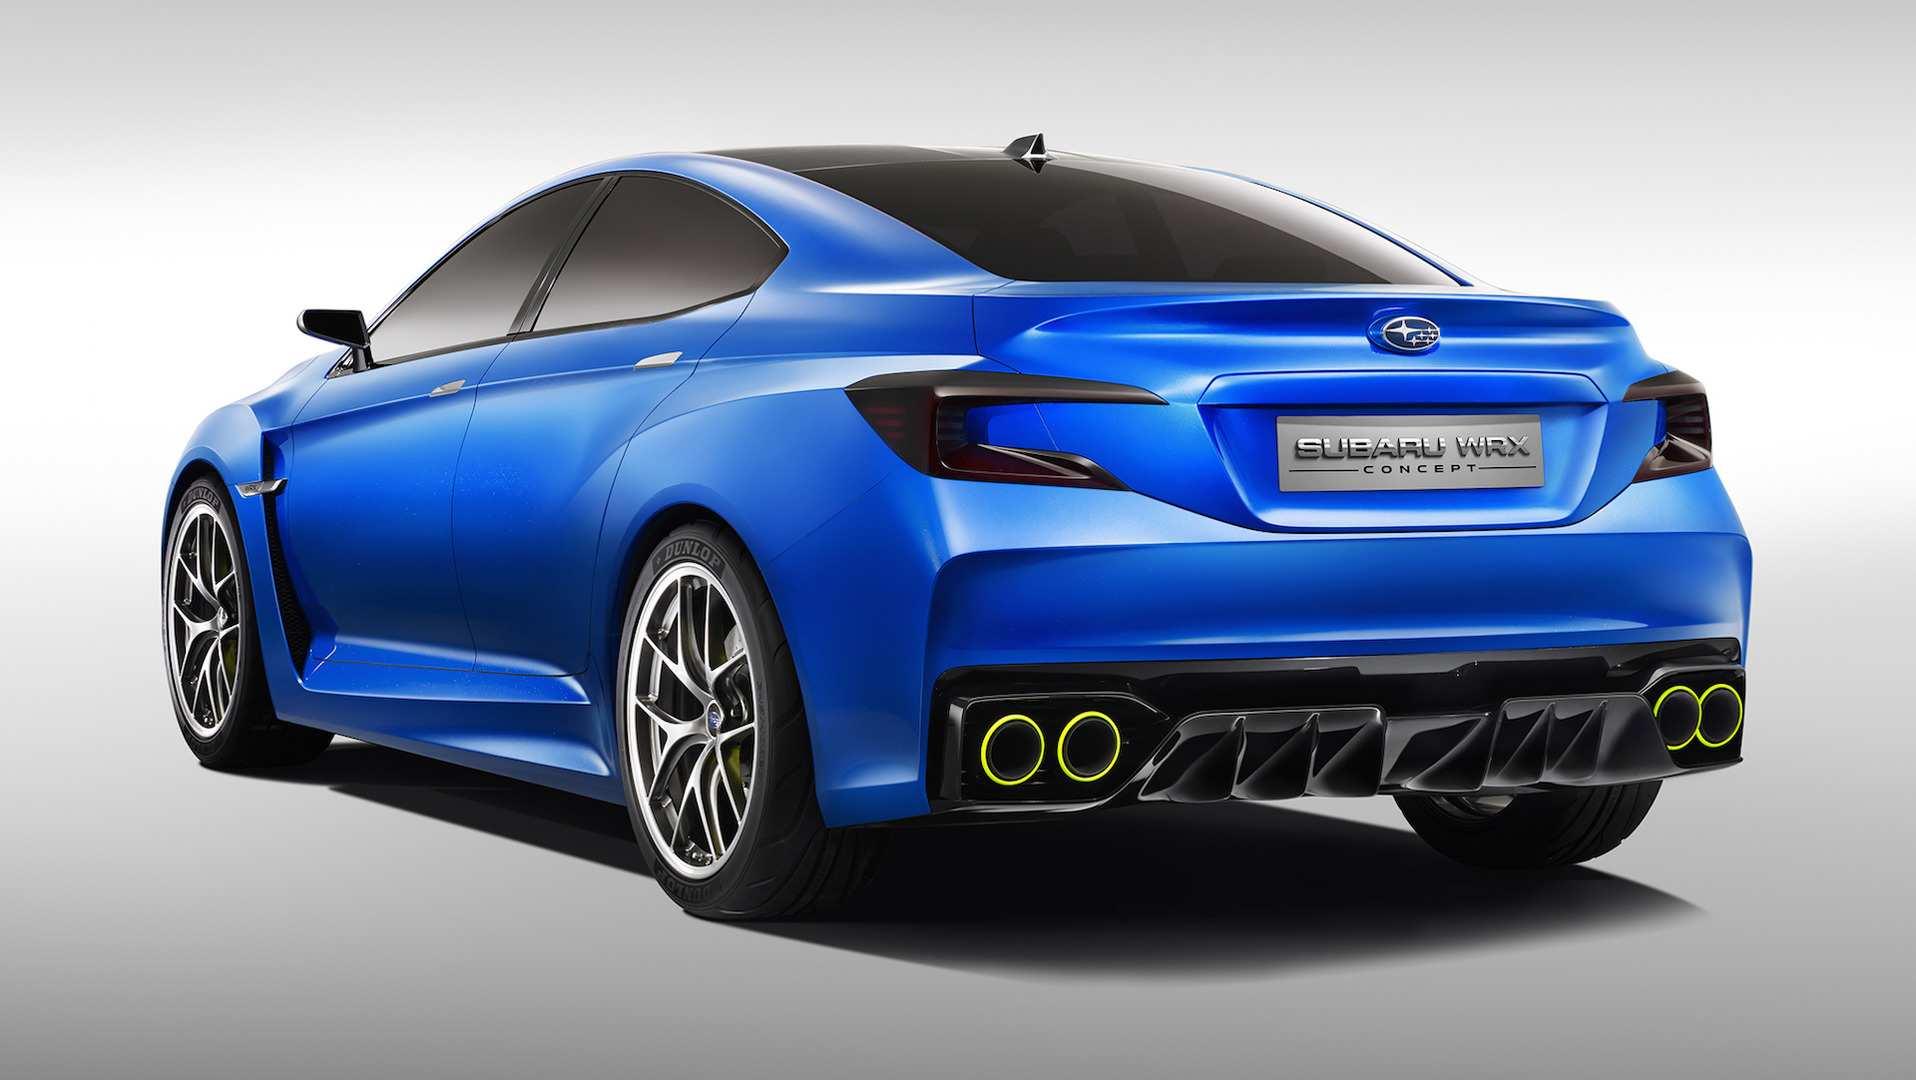 44 New Subaru Wrx 2020 Exterior Release for Subaru Wrx 2020 Exterior